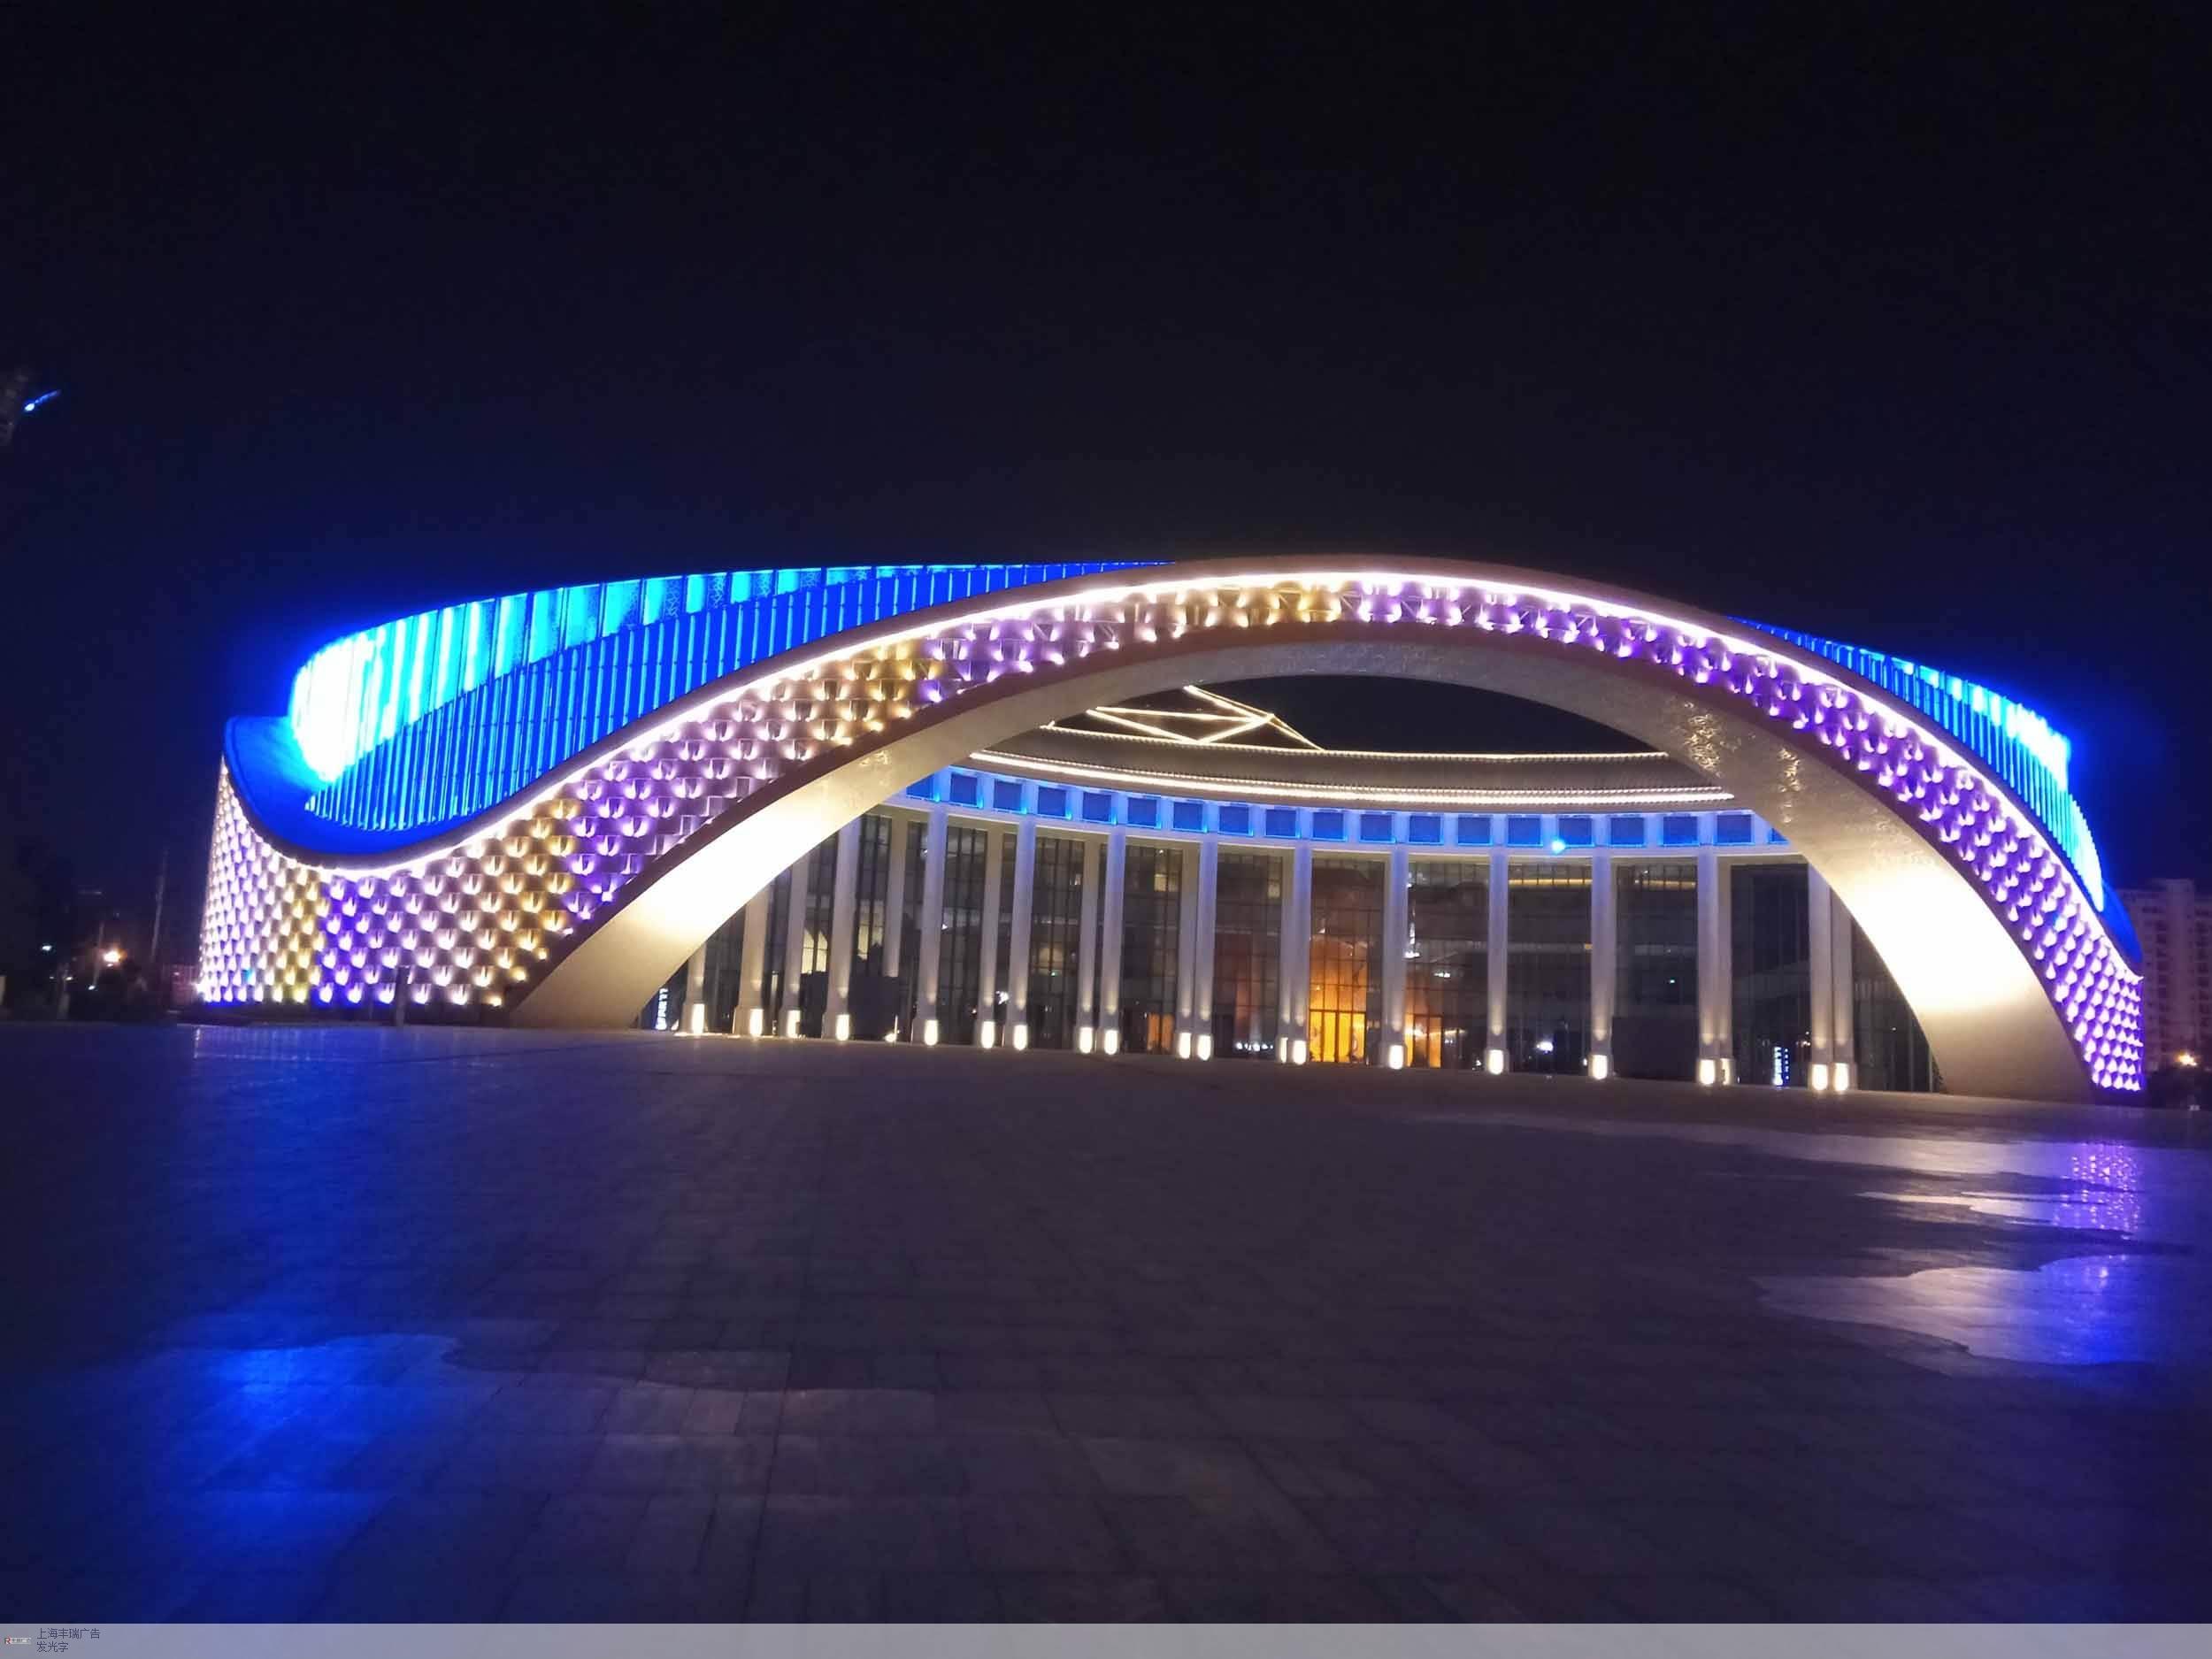 上海徐汇区建筑灯光亮化工程 来电咨询「上海丰瑞广告供应」